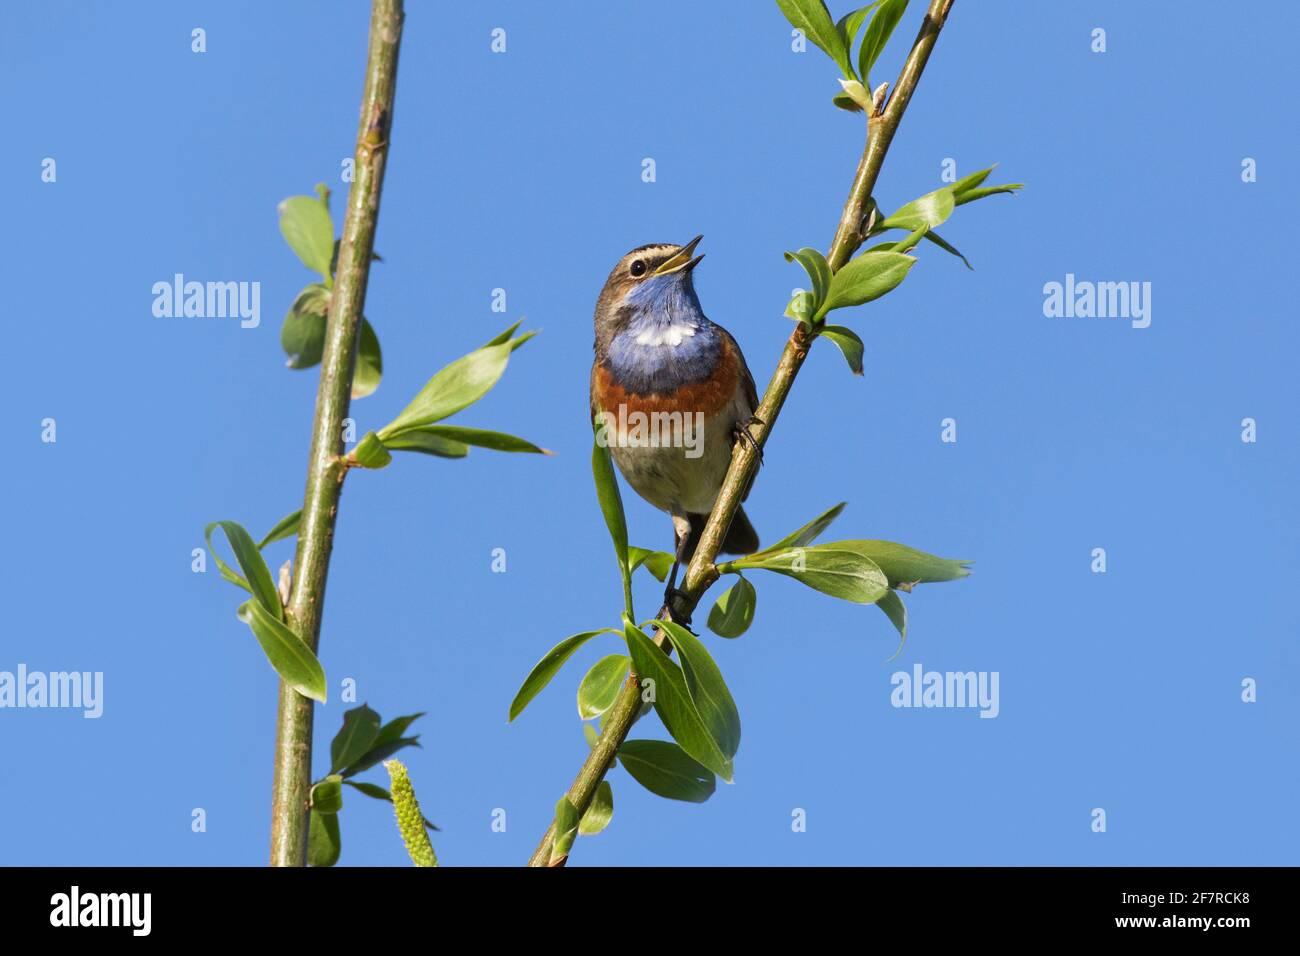 Bleuet à pois blancs (Luscinia svecica cyanula) homme perché dans un arbre et appelant/chantant au printemps Banque D'Images